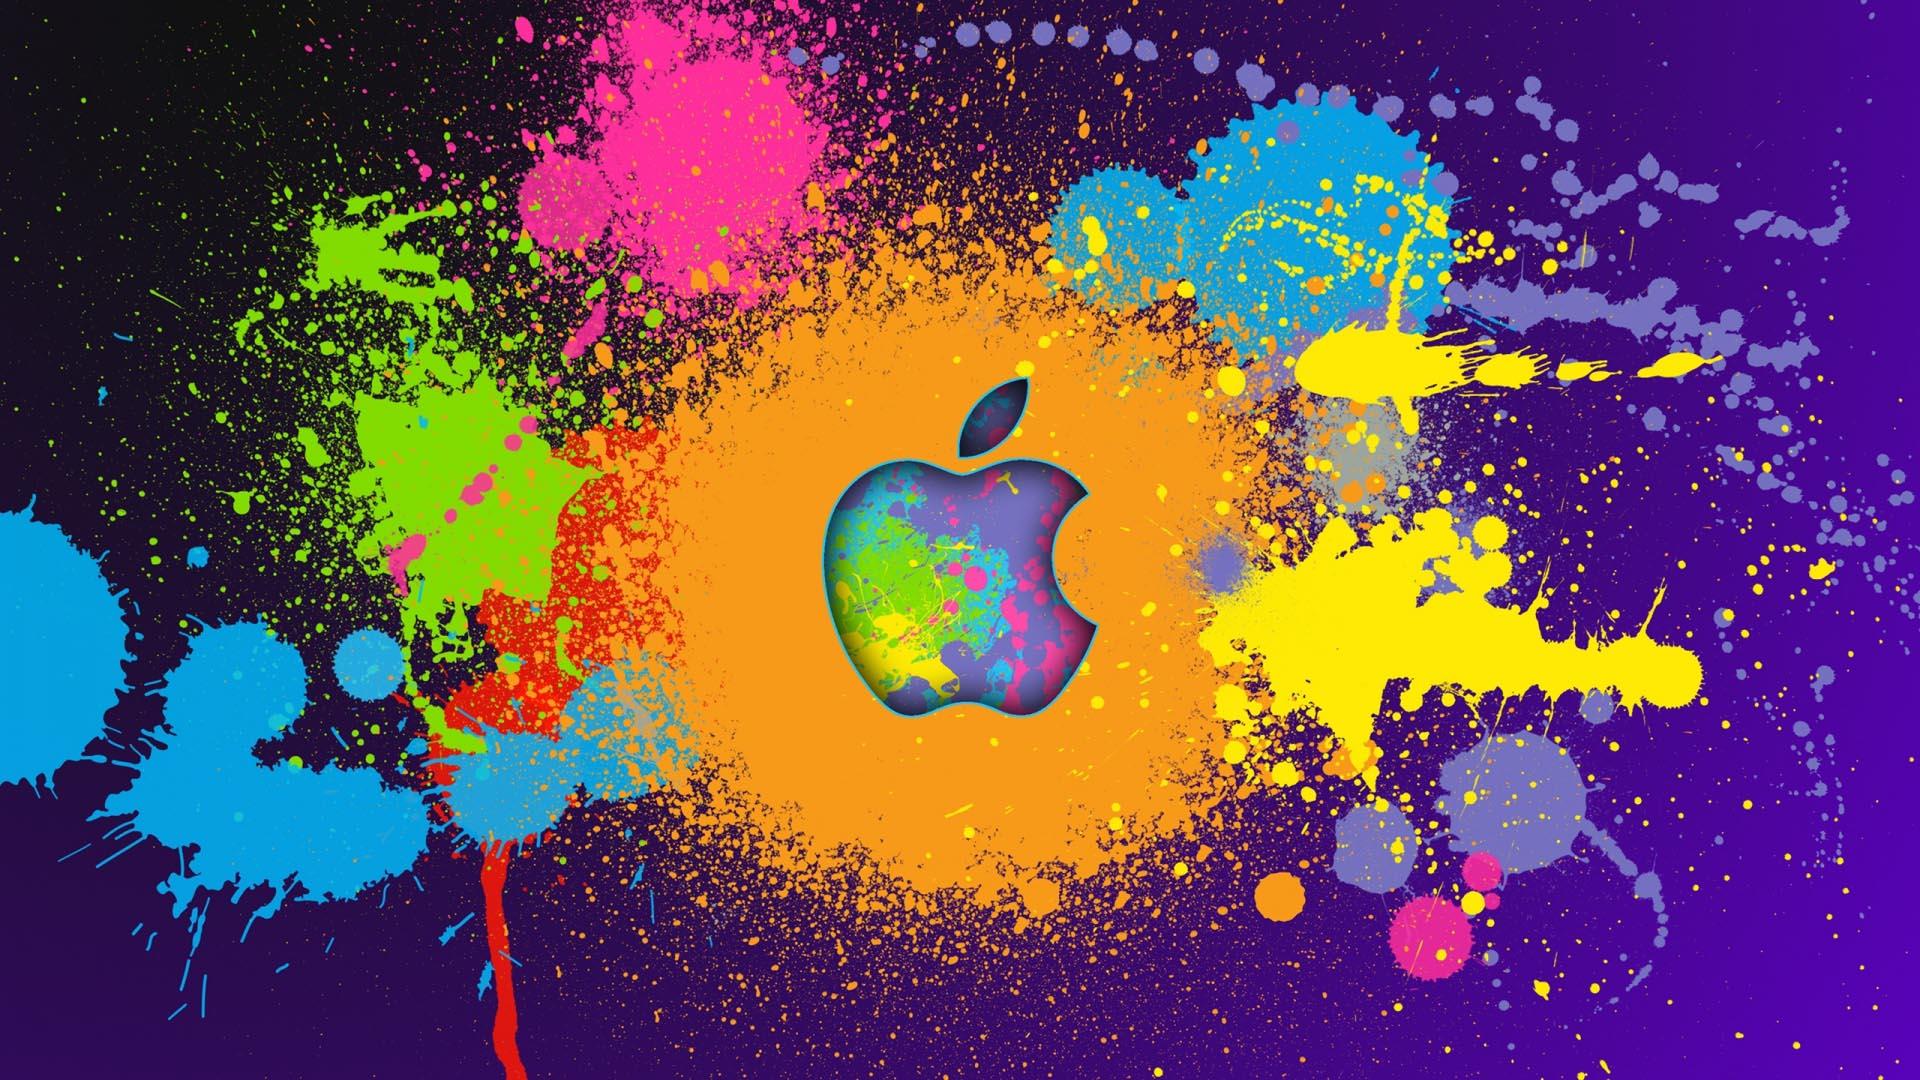 Apple iPad HD Wallpaper FullHDWpp   Full HD Wallpapers 1920x1080 1920x1080